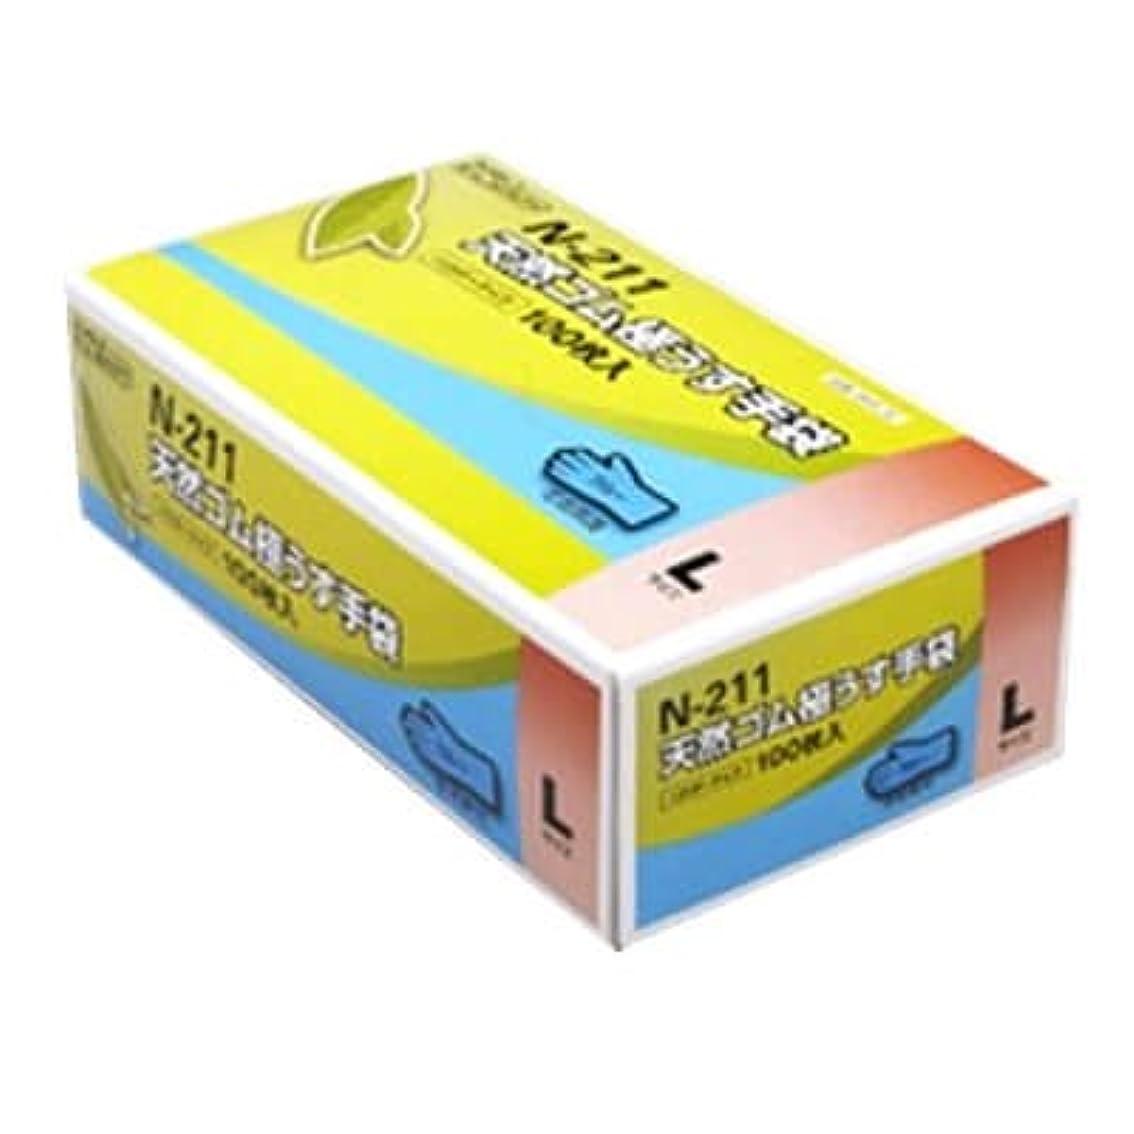 流出上流のピルファー【ケース販売】 ダンロップ 天然ゴム極うす手袋 N-211 L ブルー (100枚入×20箱)